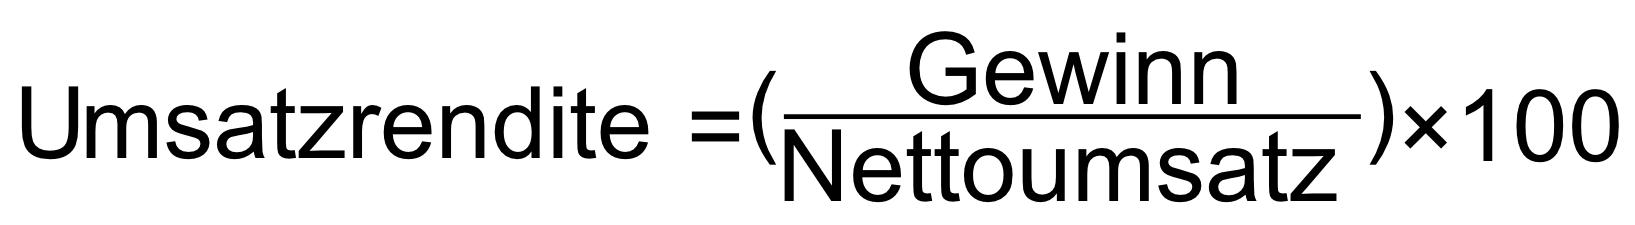 Formel zur Berechnung der Umsatzrendite